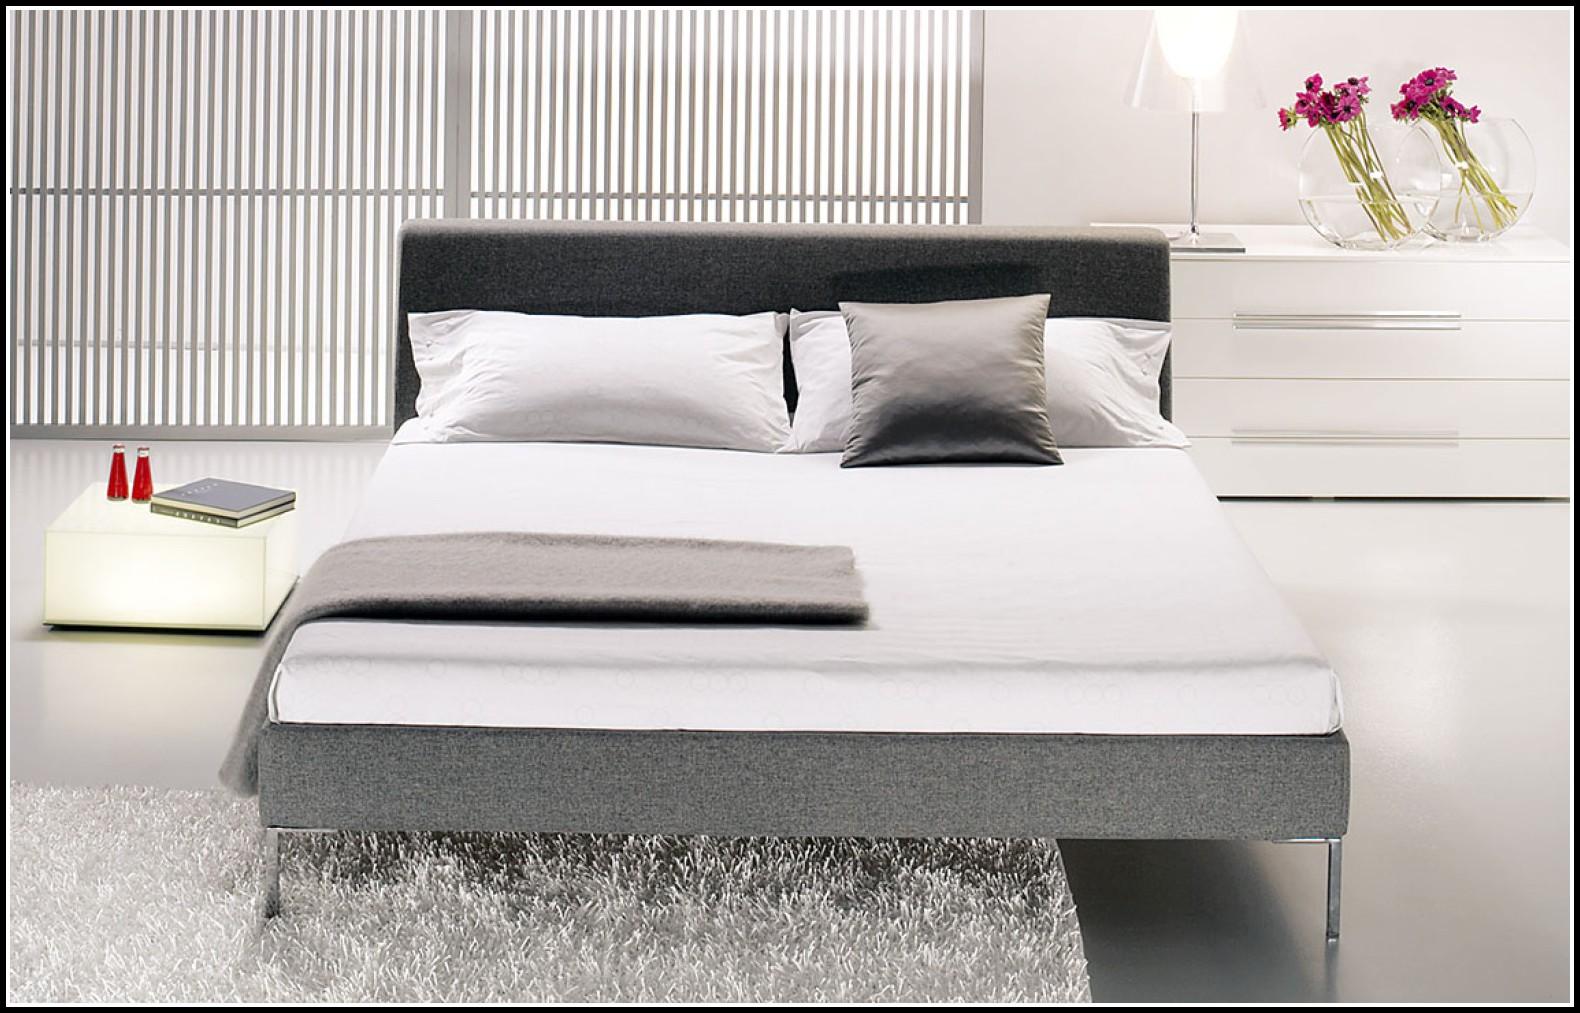 gunstig betten kaufen munchen betten house und dekor galerie dgwjlxorba. Black Bedroom Furniture Sets. Home Design Ideas